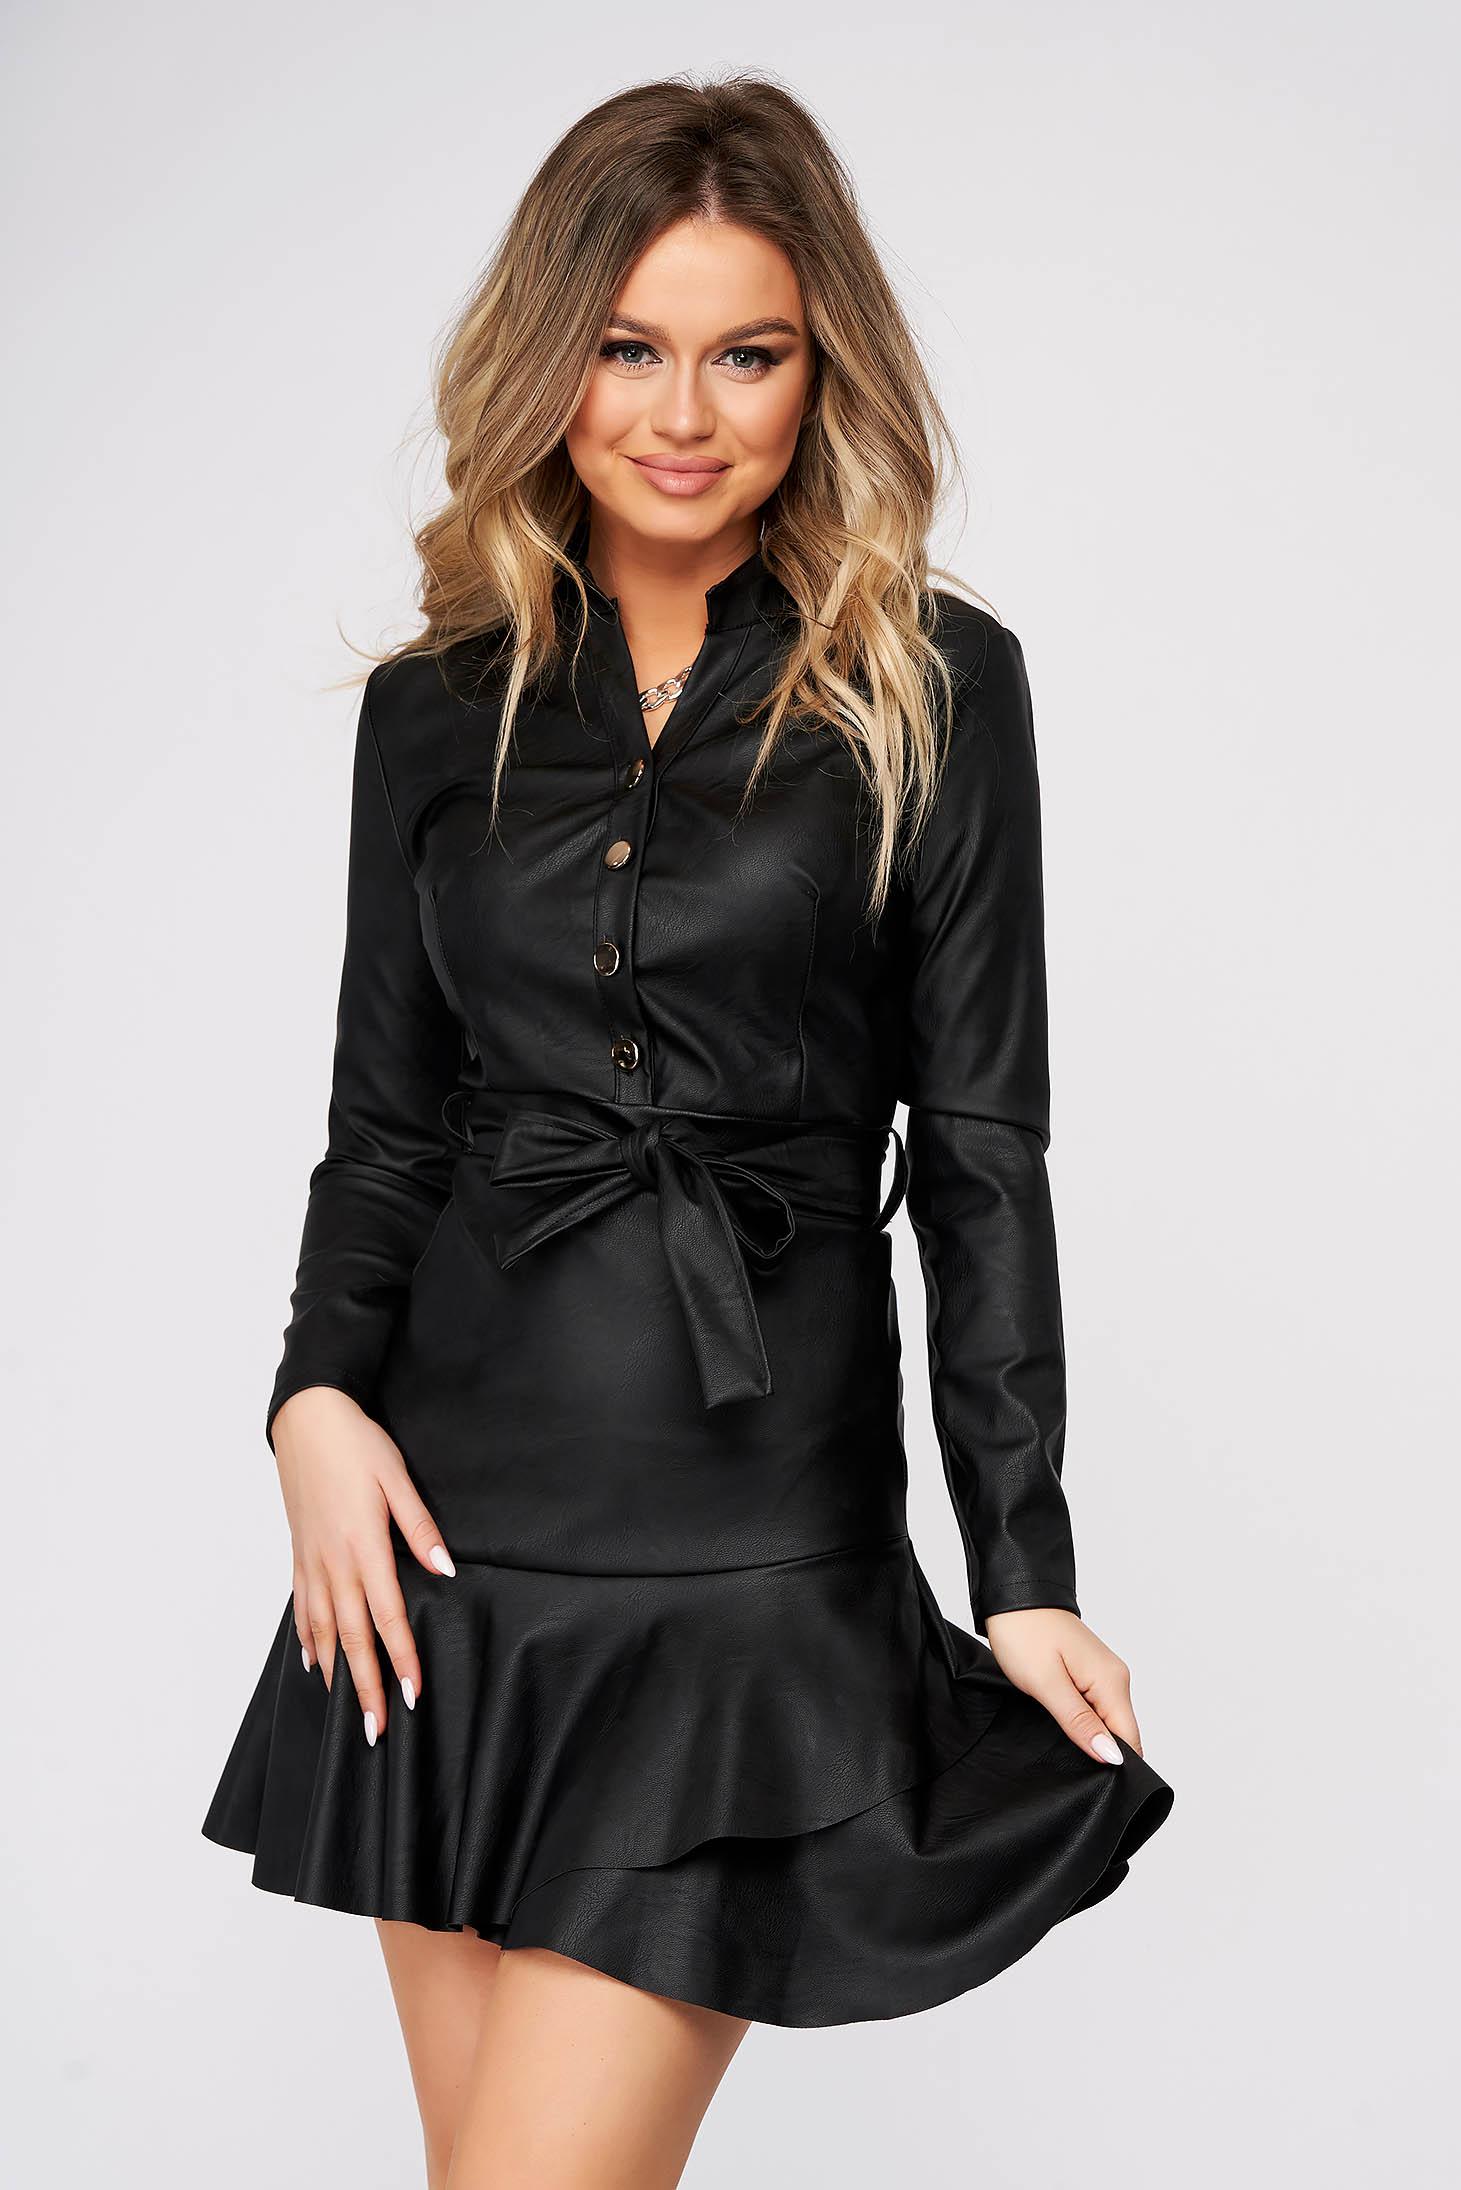 Rochie SunShine din piele ecologica neagra de zi in clos cu volanase la baza rochiei si accesorizata cu cordon